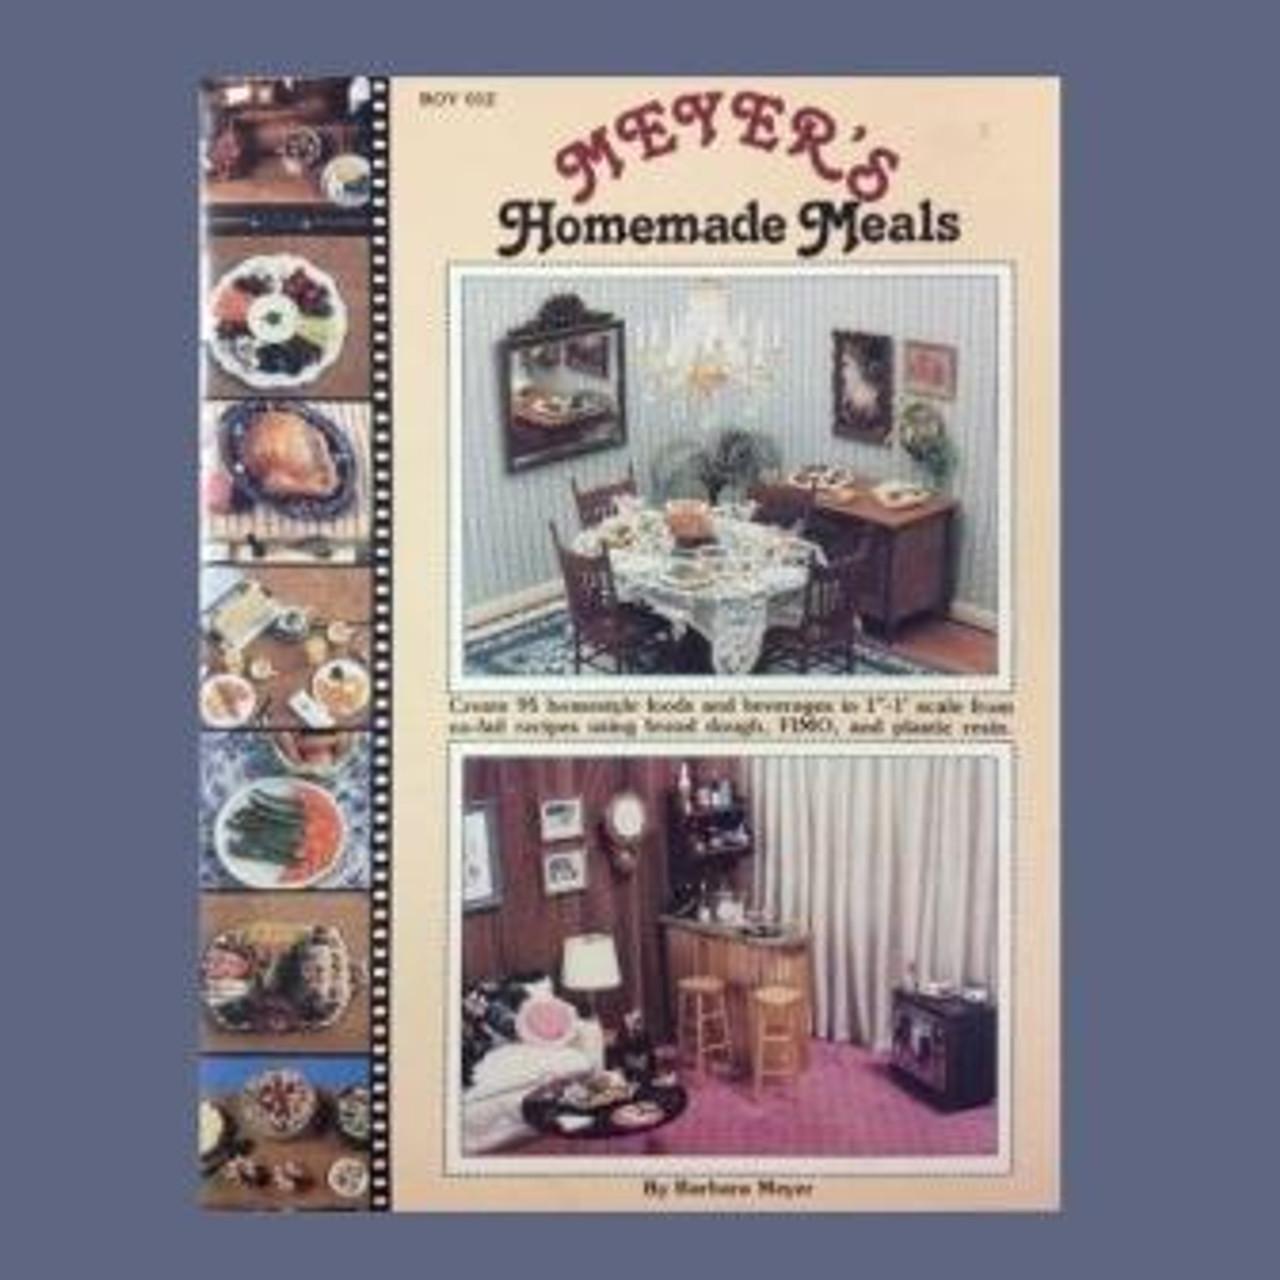 Meyer's Homemade Meals (BOY012)